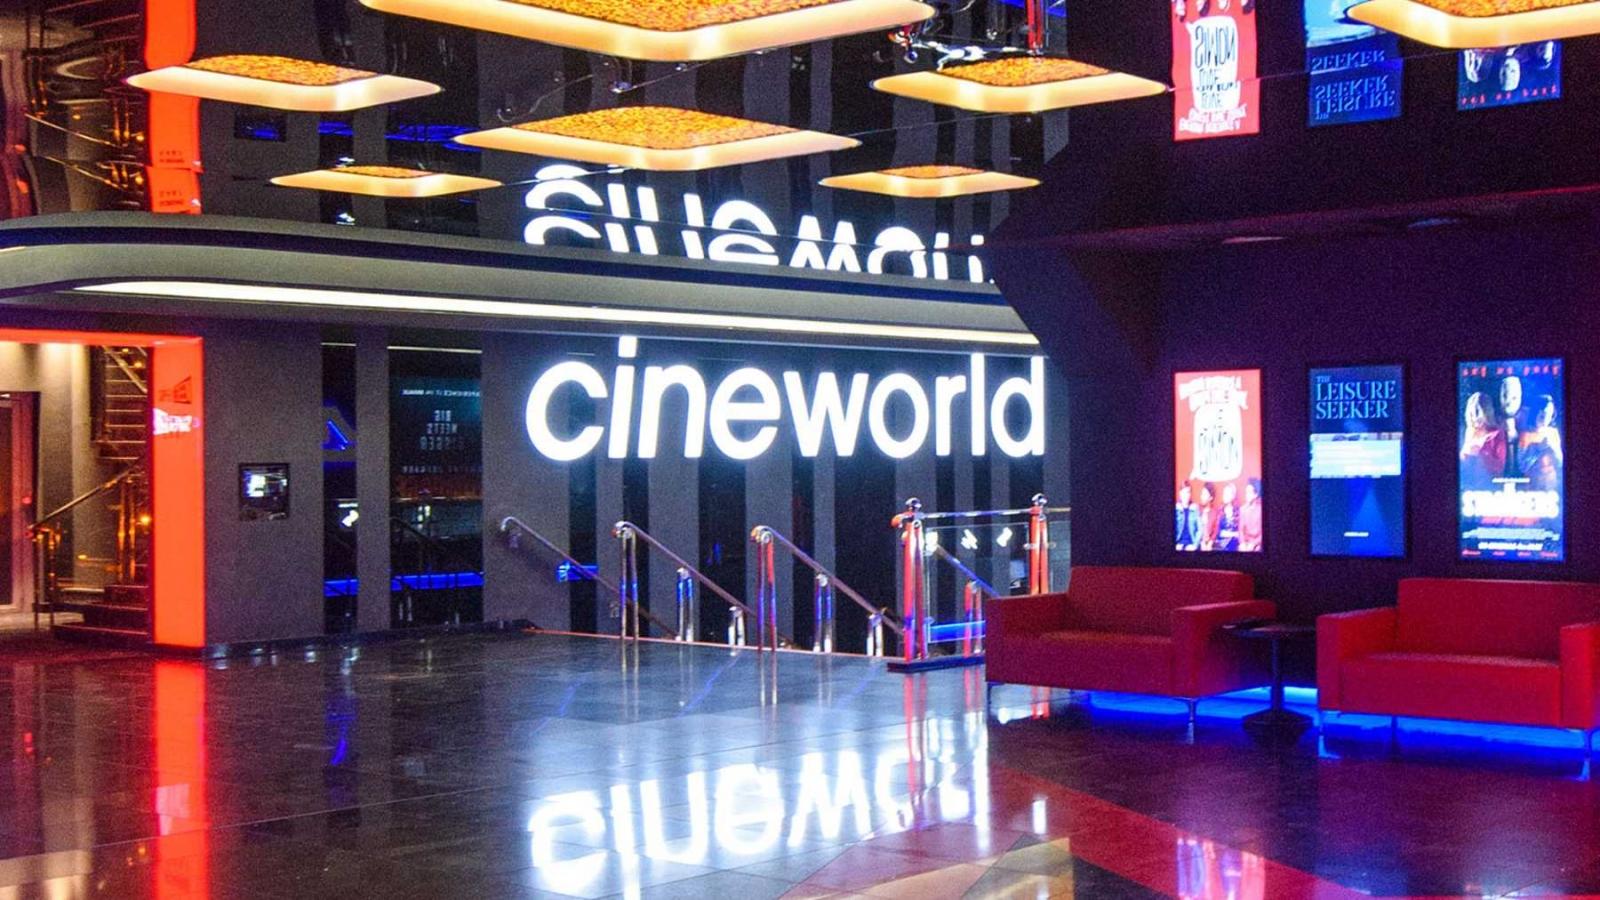 Cineworld đóng cửa hàng trăm rạp chiếu phim–cú đánh lớn với ngành điện ảnh